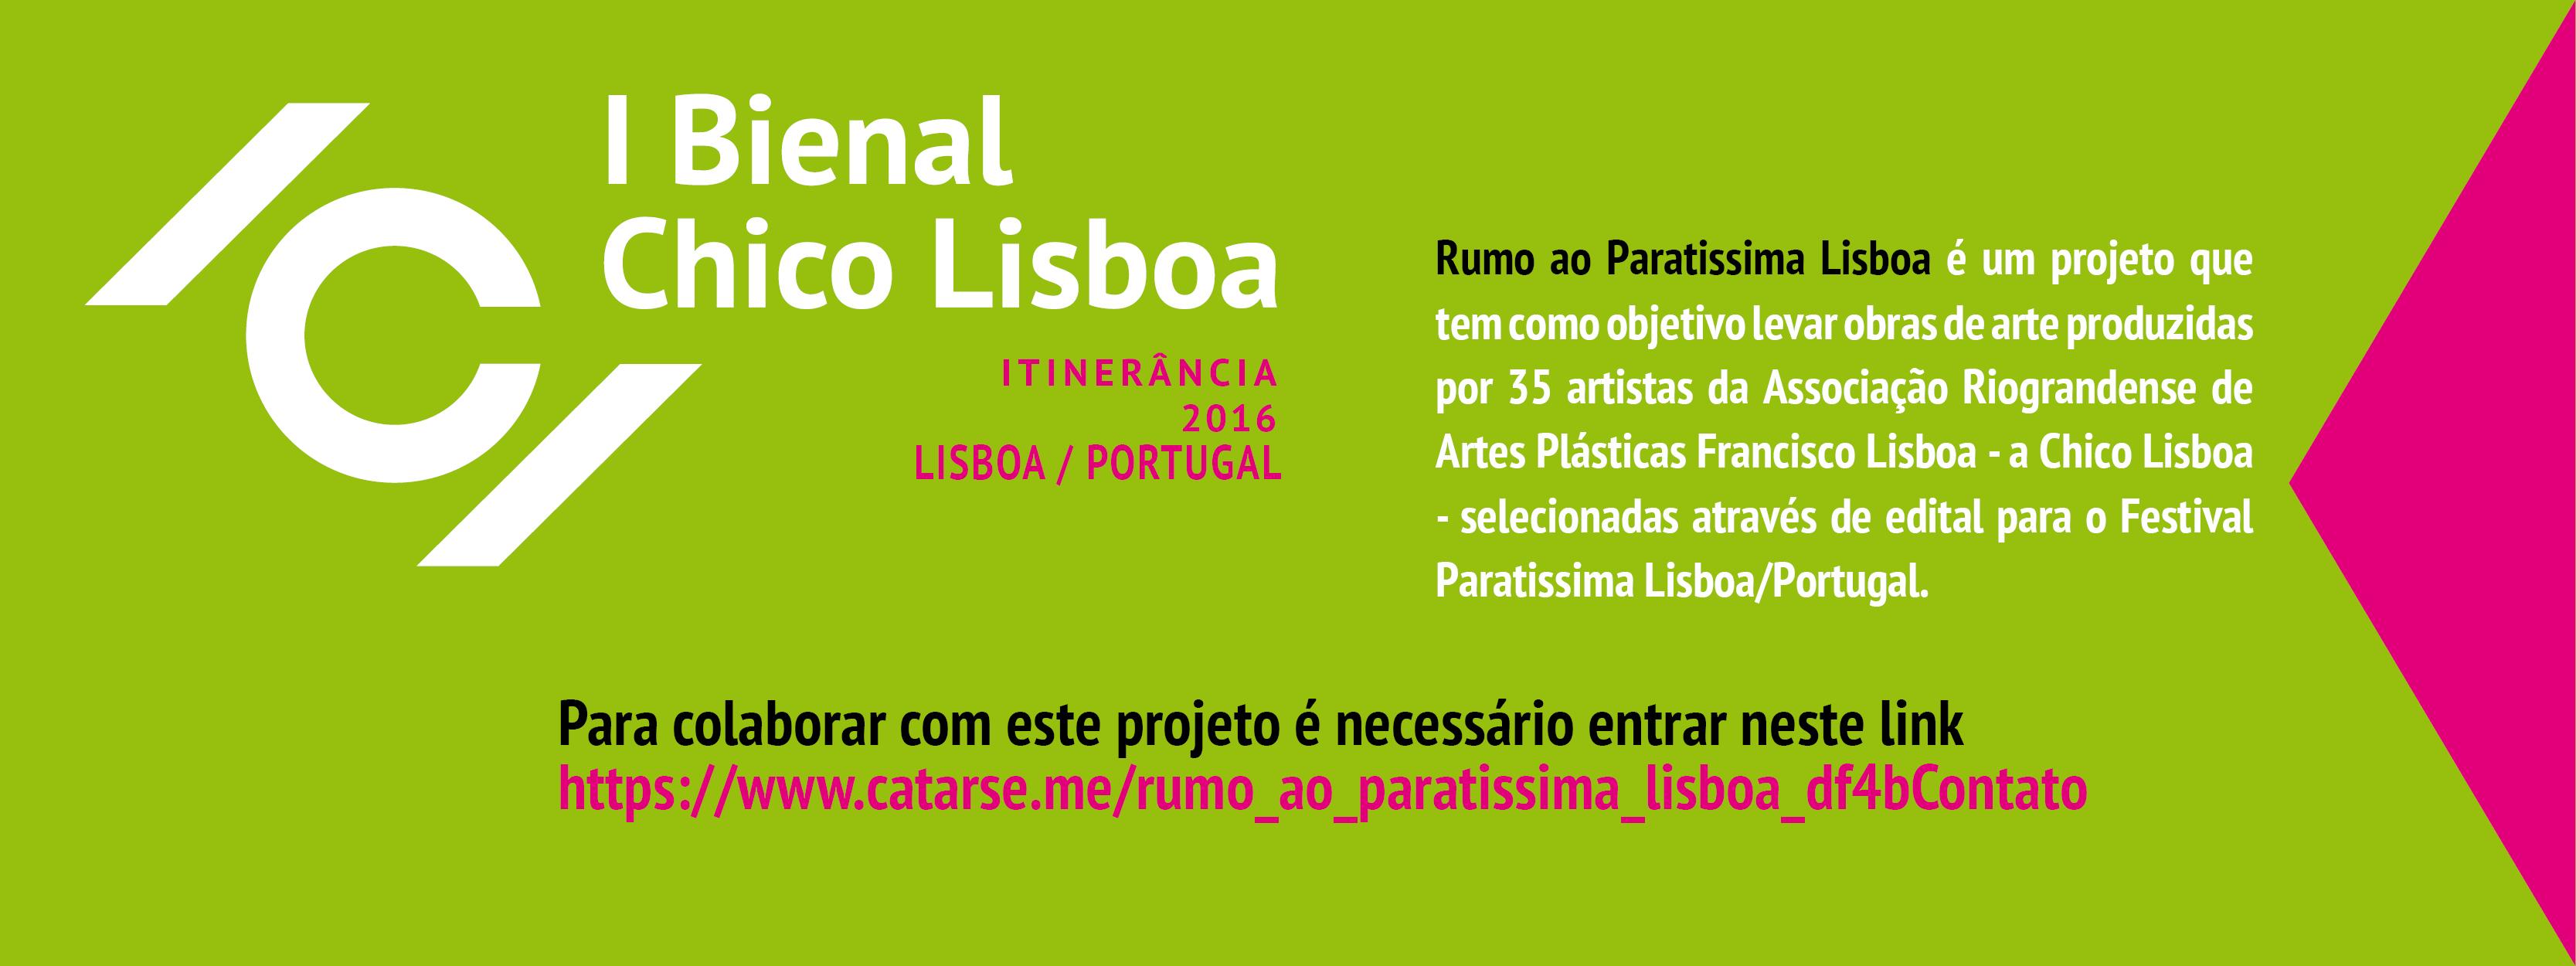 Ajude a Chico Lisboa a ir para a Paratissima Portugal e ganhe recompensas